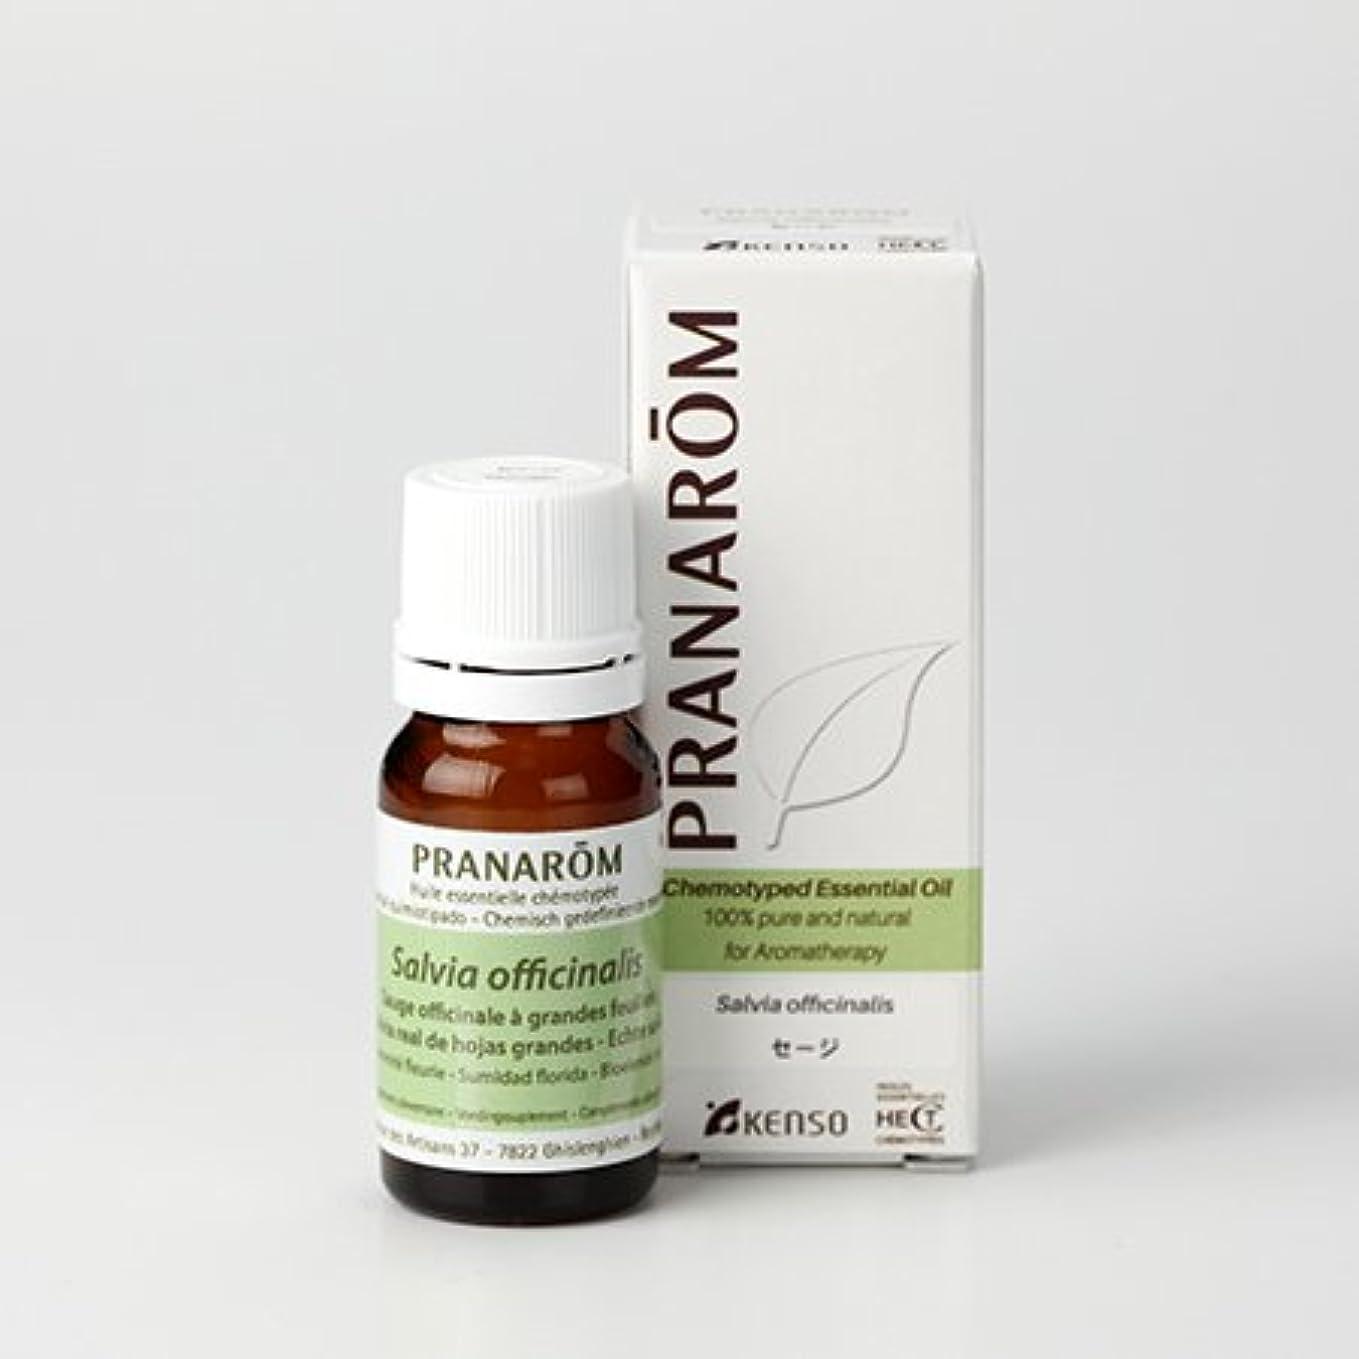 早い許可する未接続【セージ 10ml】→樟脳のようなハッキリとした香り?(リフレッシュハーブ系)[PRANAROM(プラナロム)精油/アロマオイル/エッセンシャルオイル]P-164